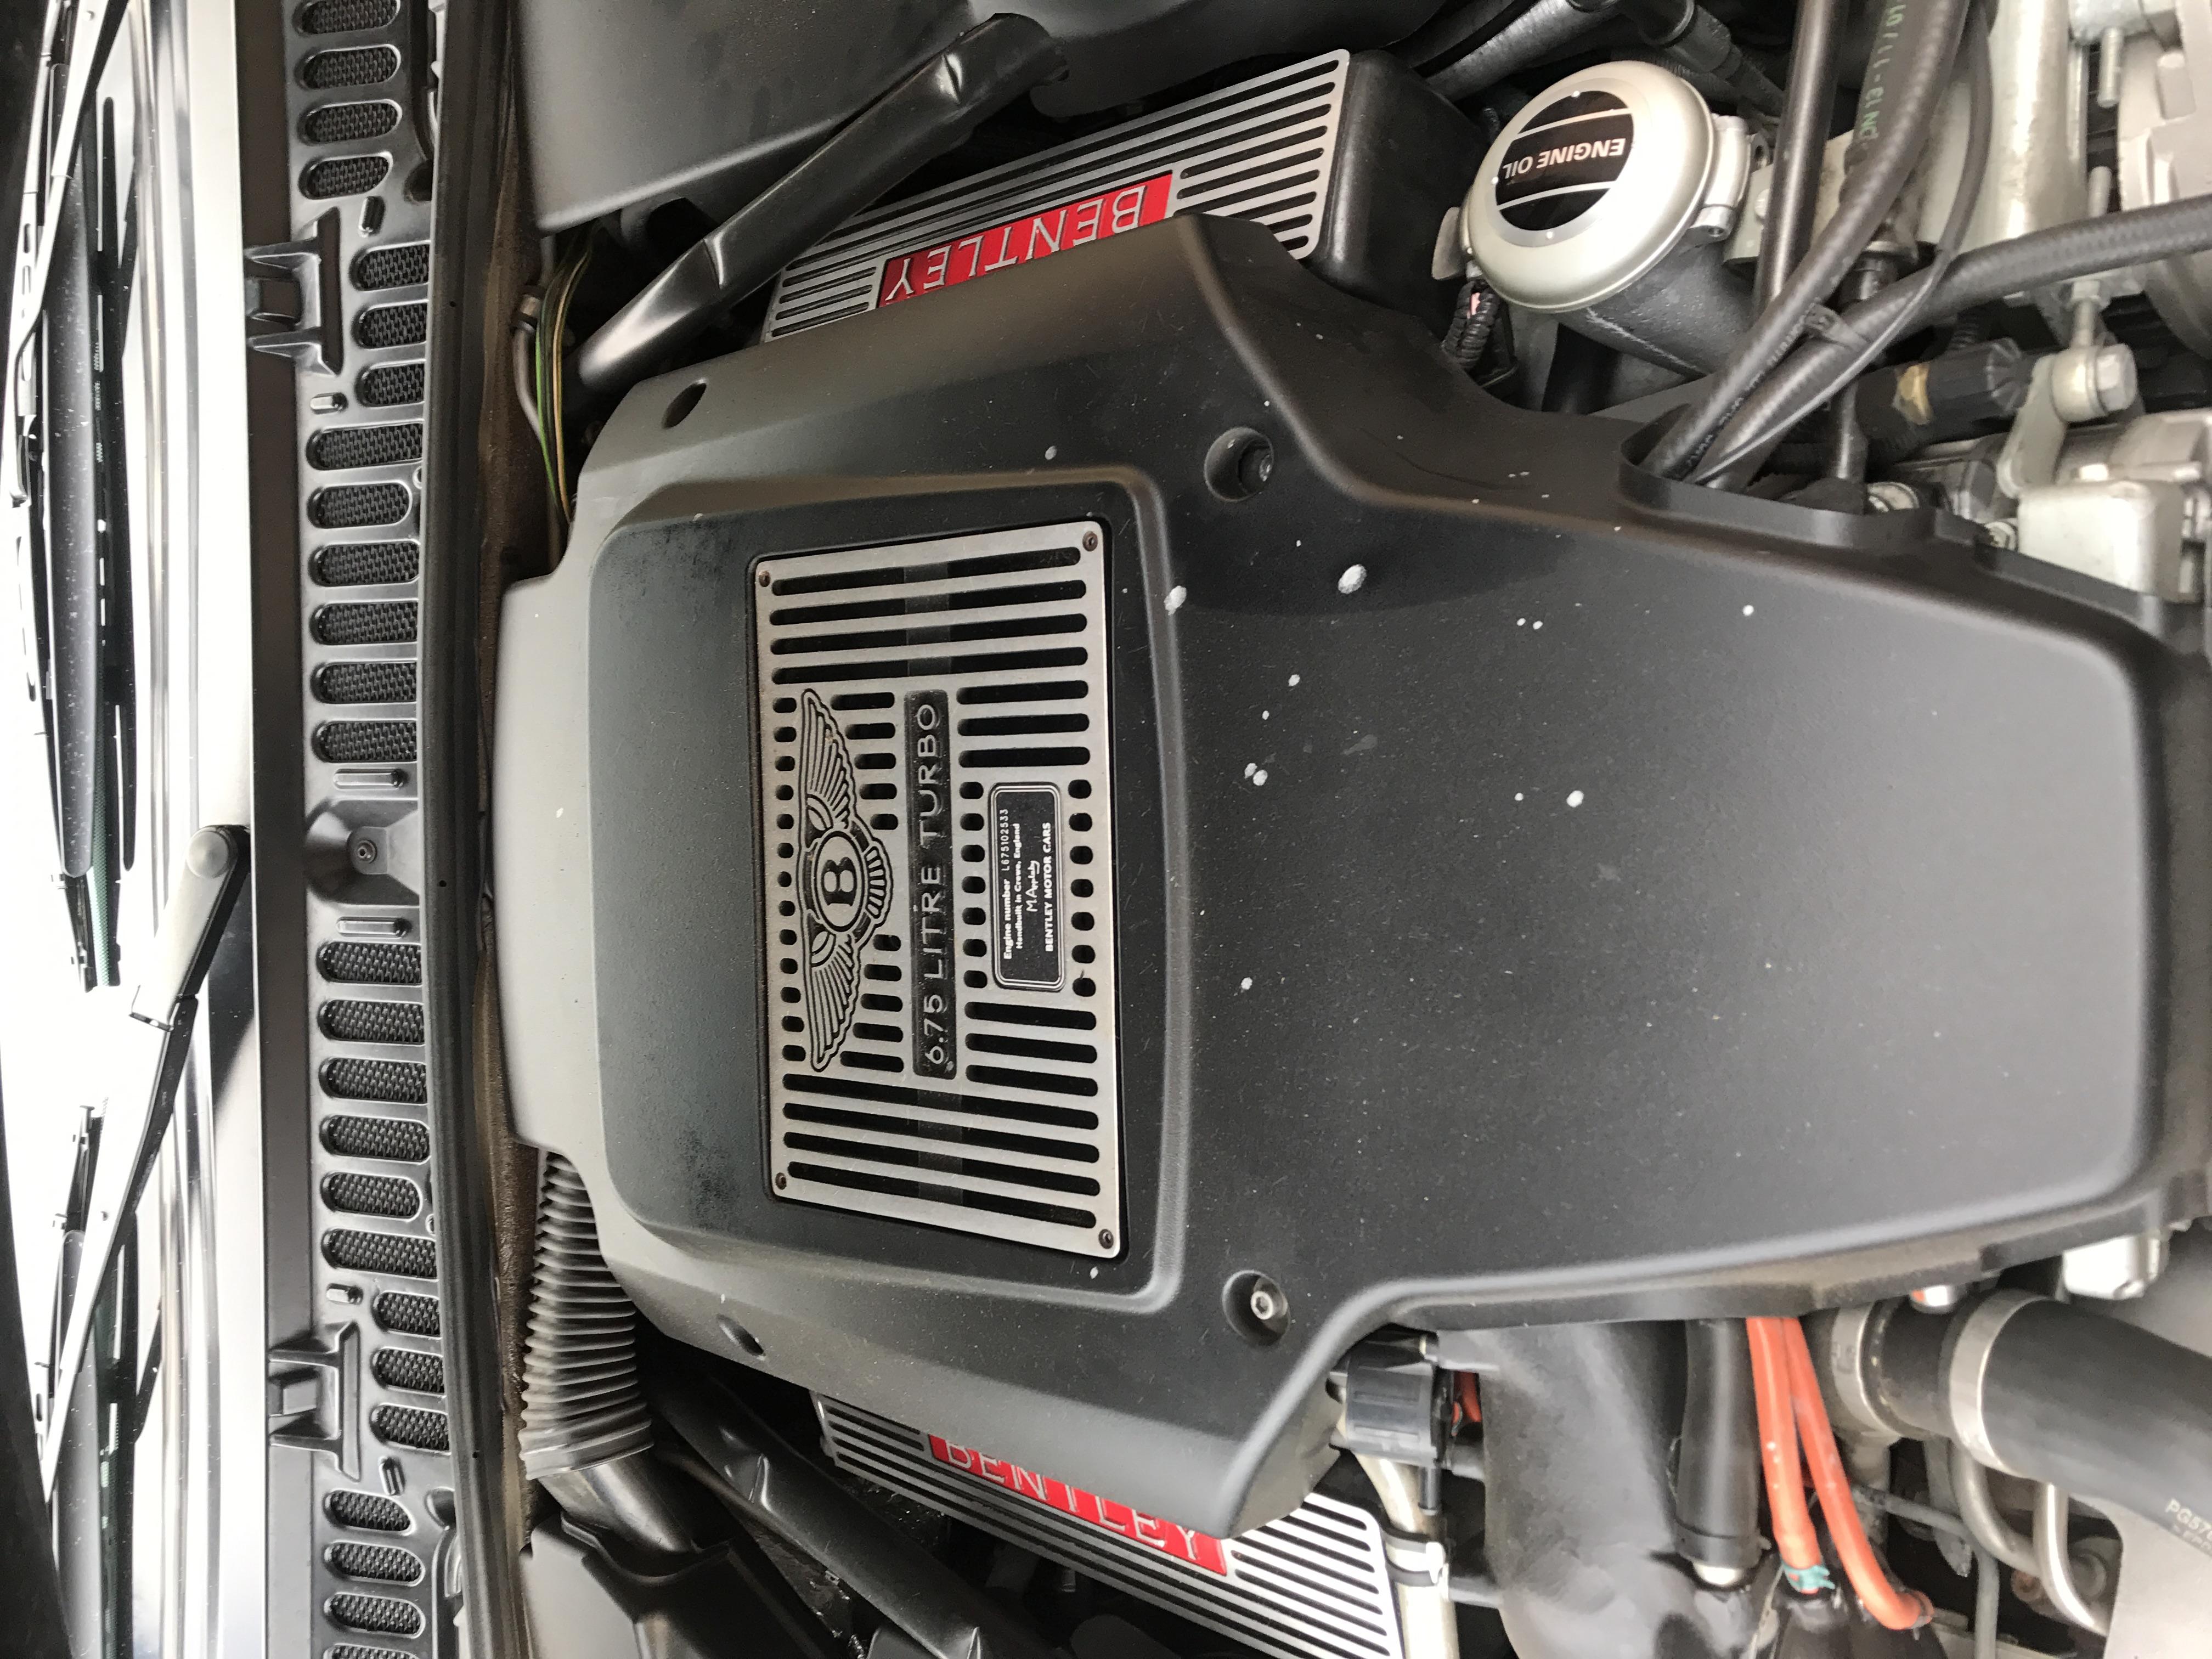 Bentley's 6.75L Beast